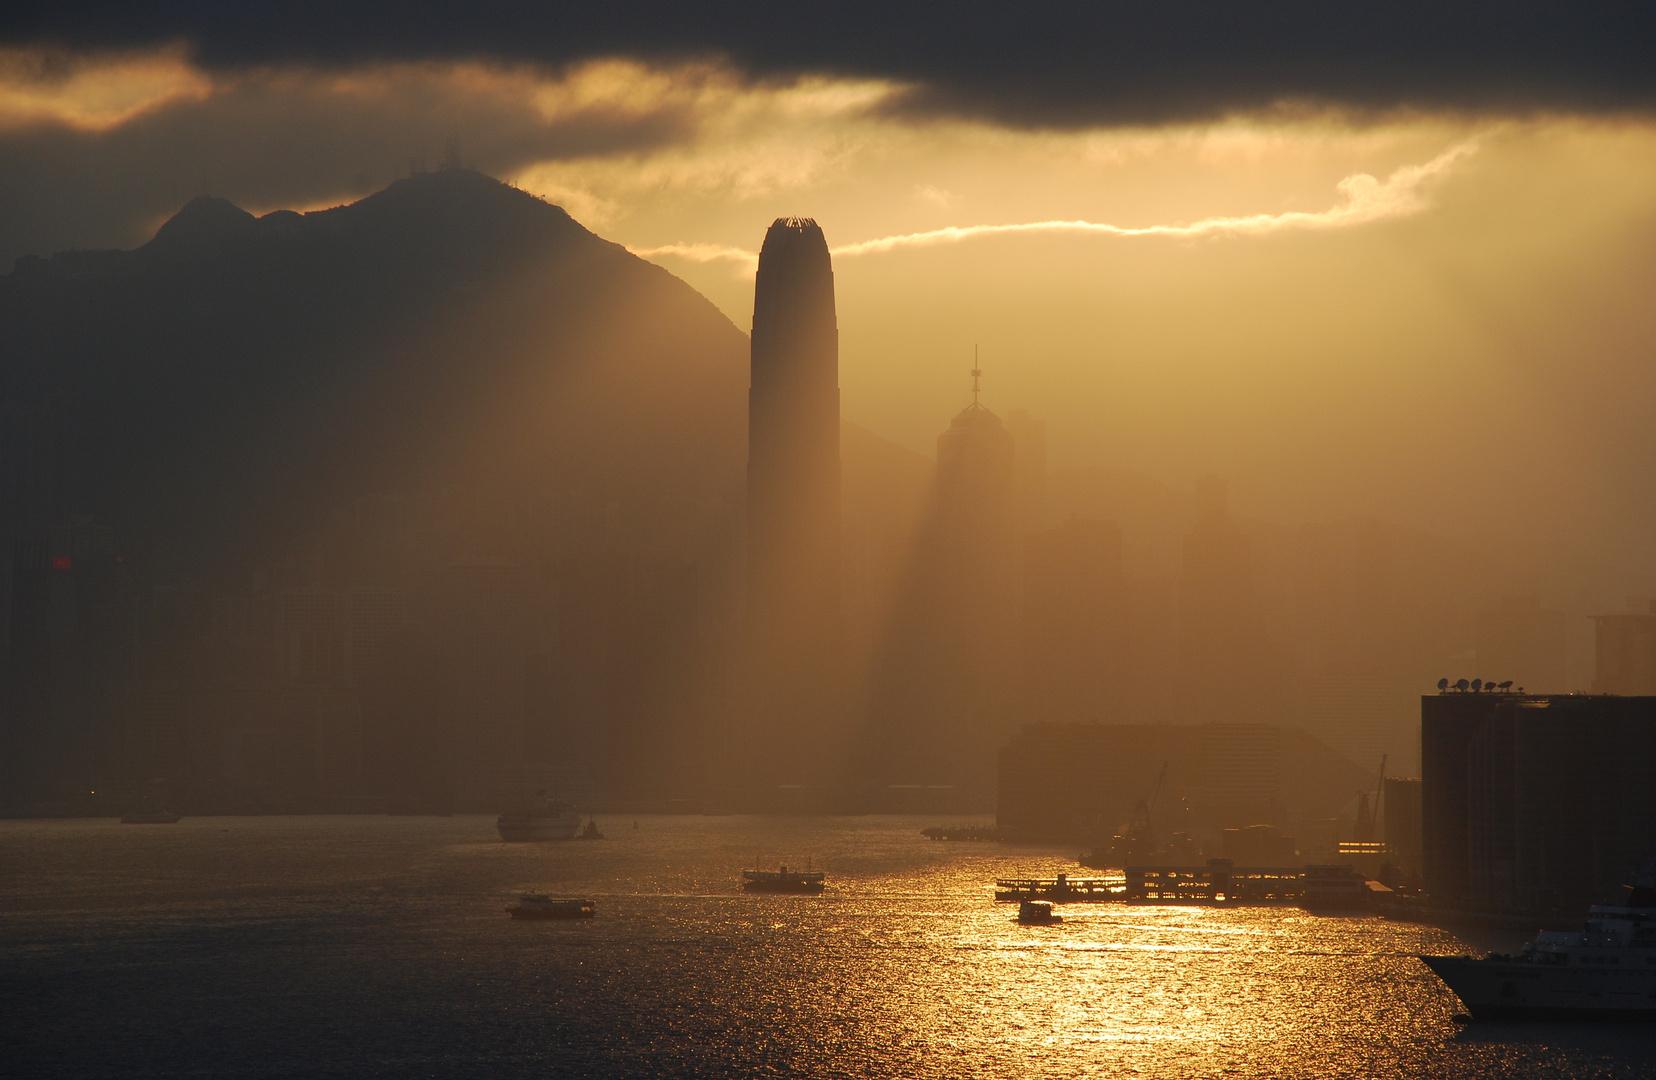 Nebel in Hong Kong